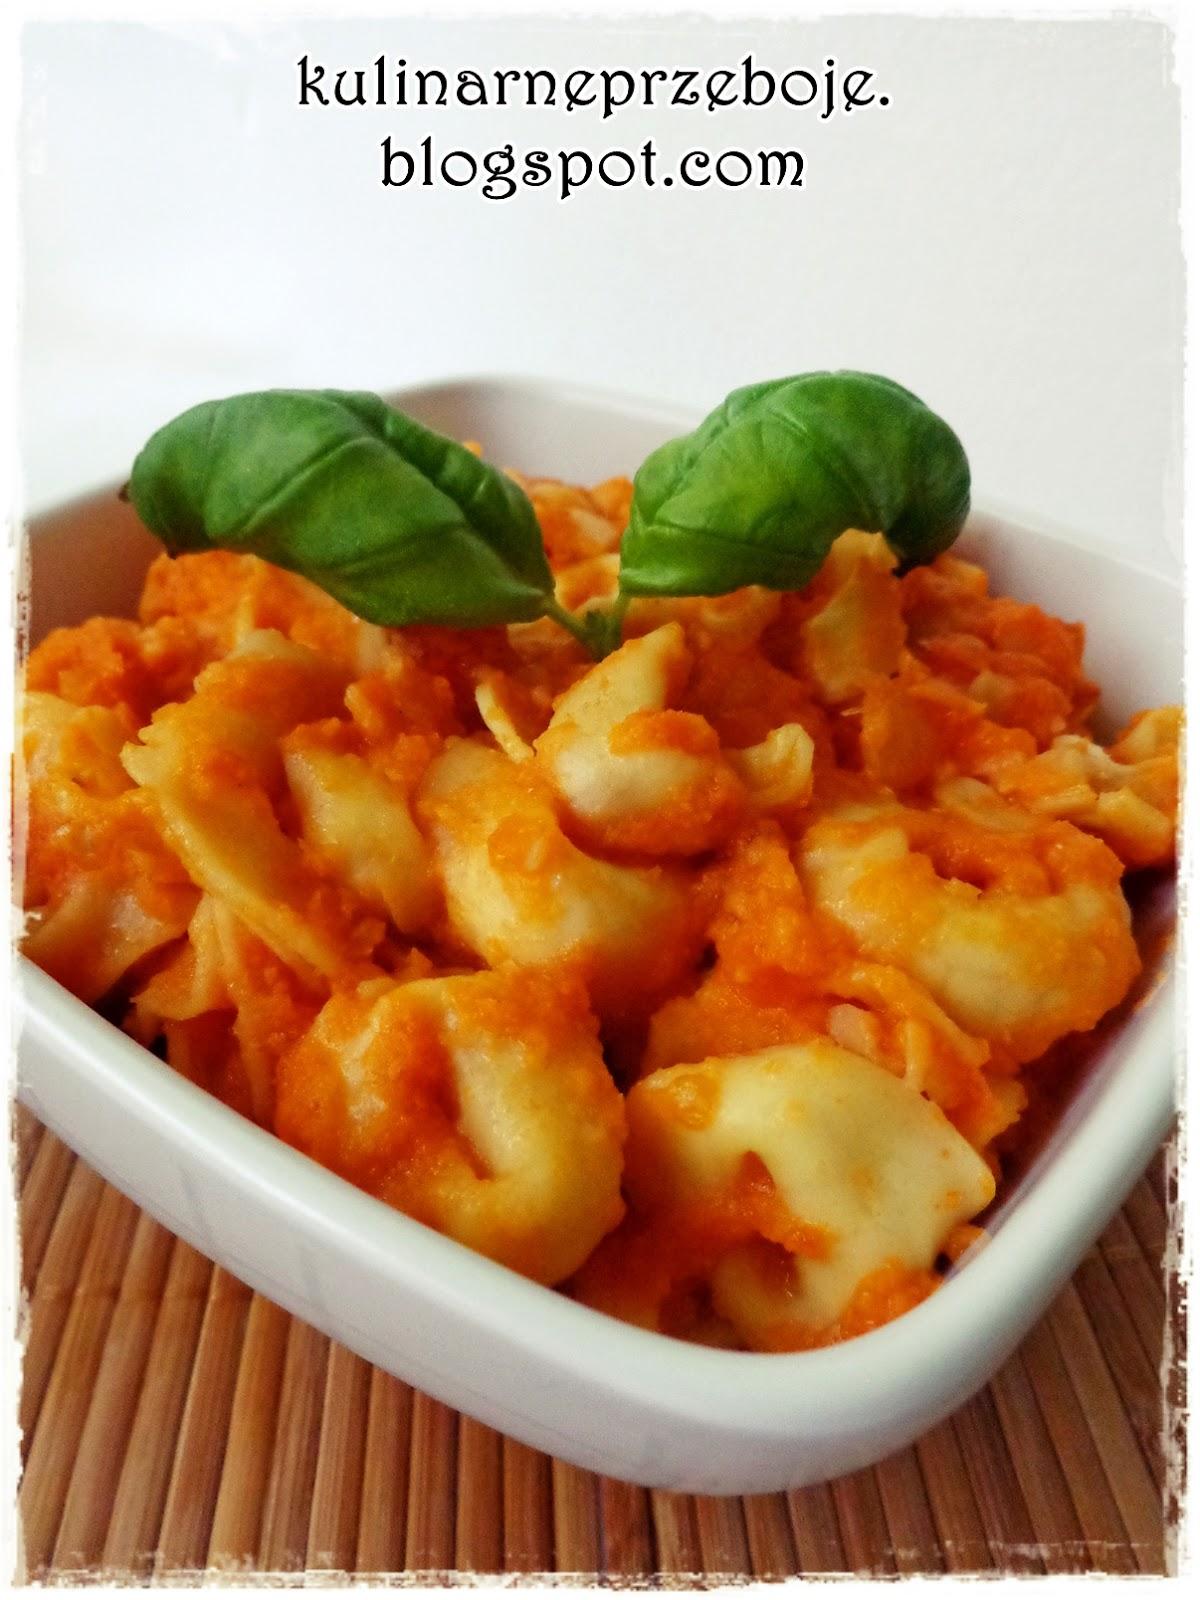 Szybki obiad, czyli tortellini w sosie pomidorowym